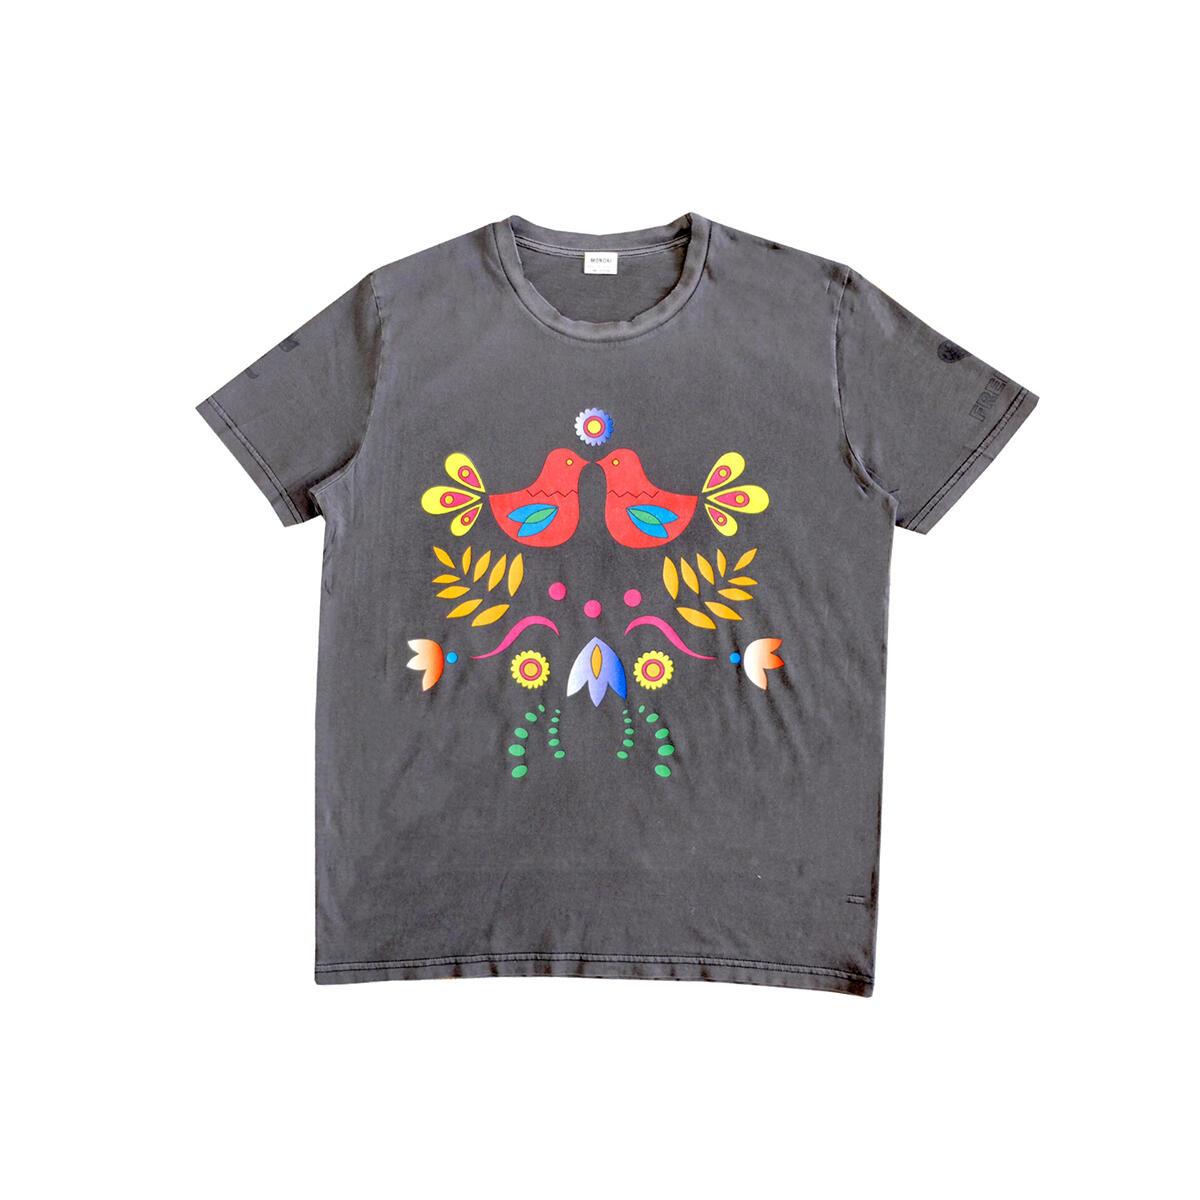 Karma T-Shirt – Black